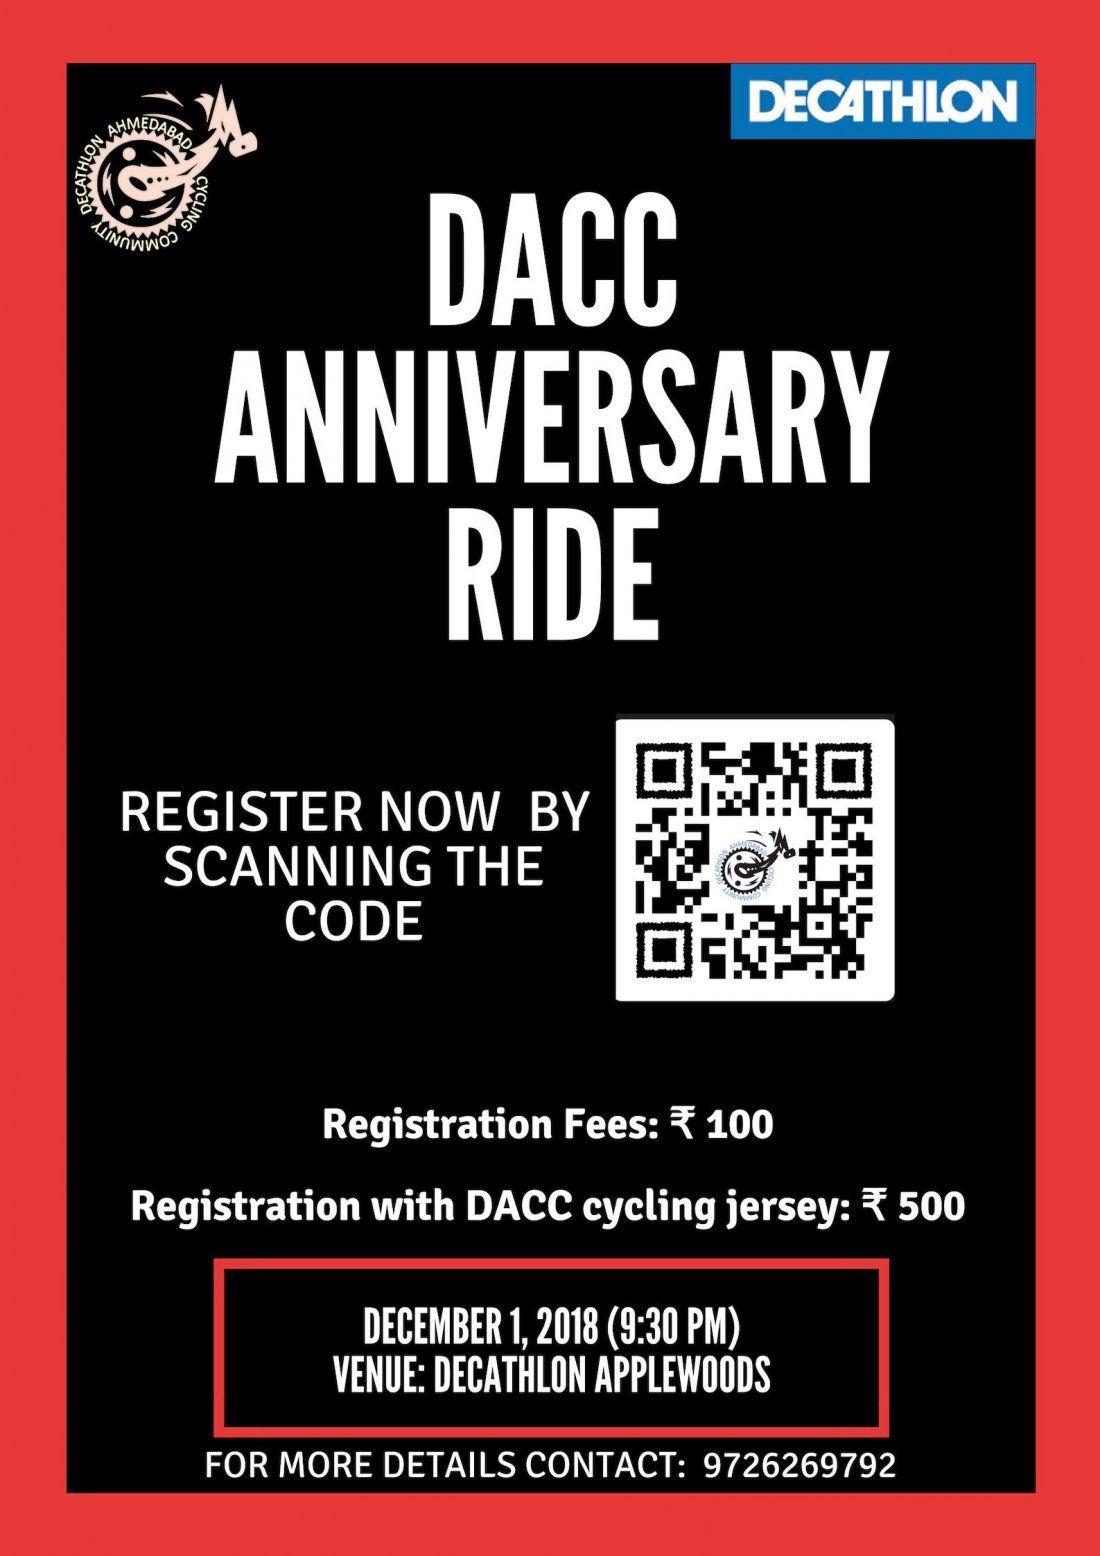 Dacc Anniversary Ride